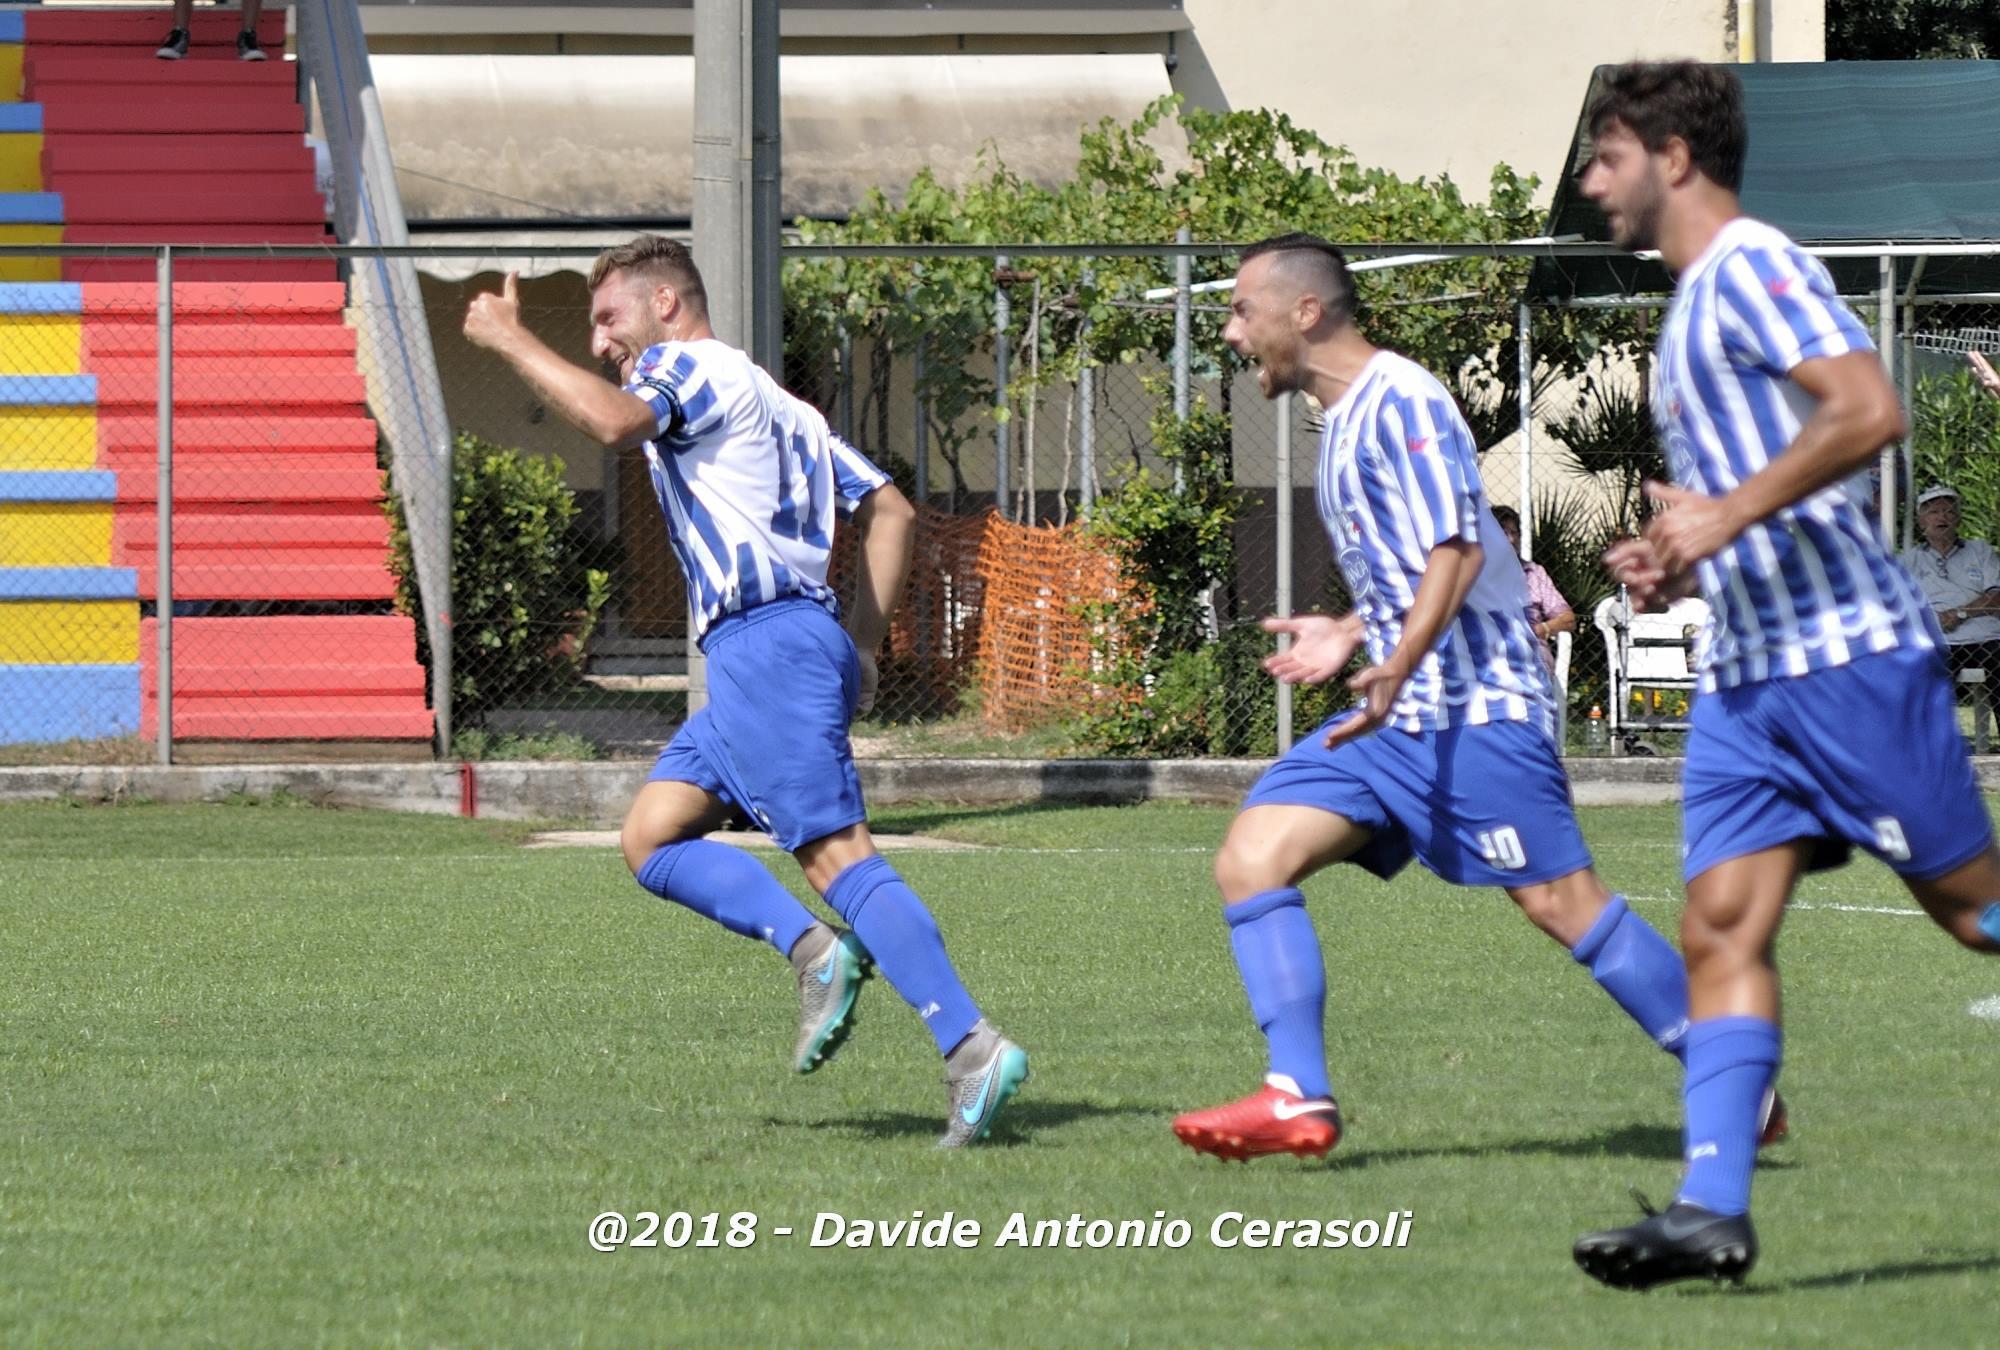 promozione-terracina-a-ferentino-big-match-allo-iacuzzi-lo-per-lo-sporting-vodice